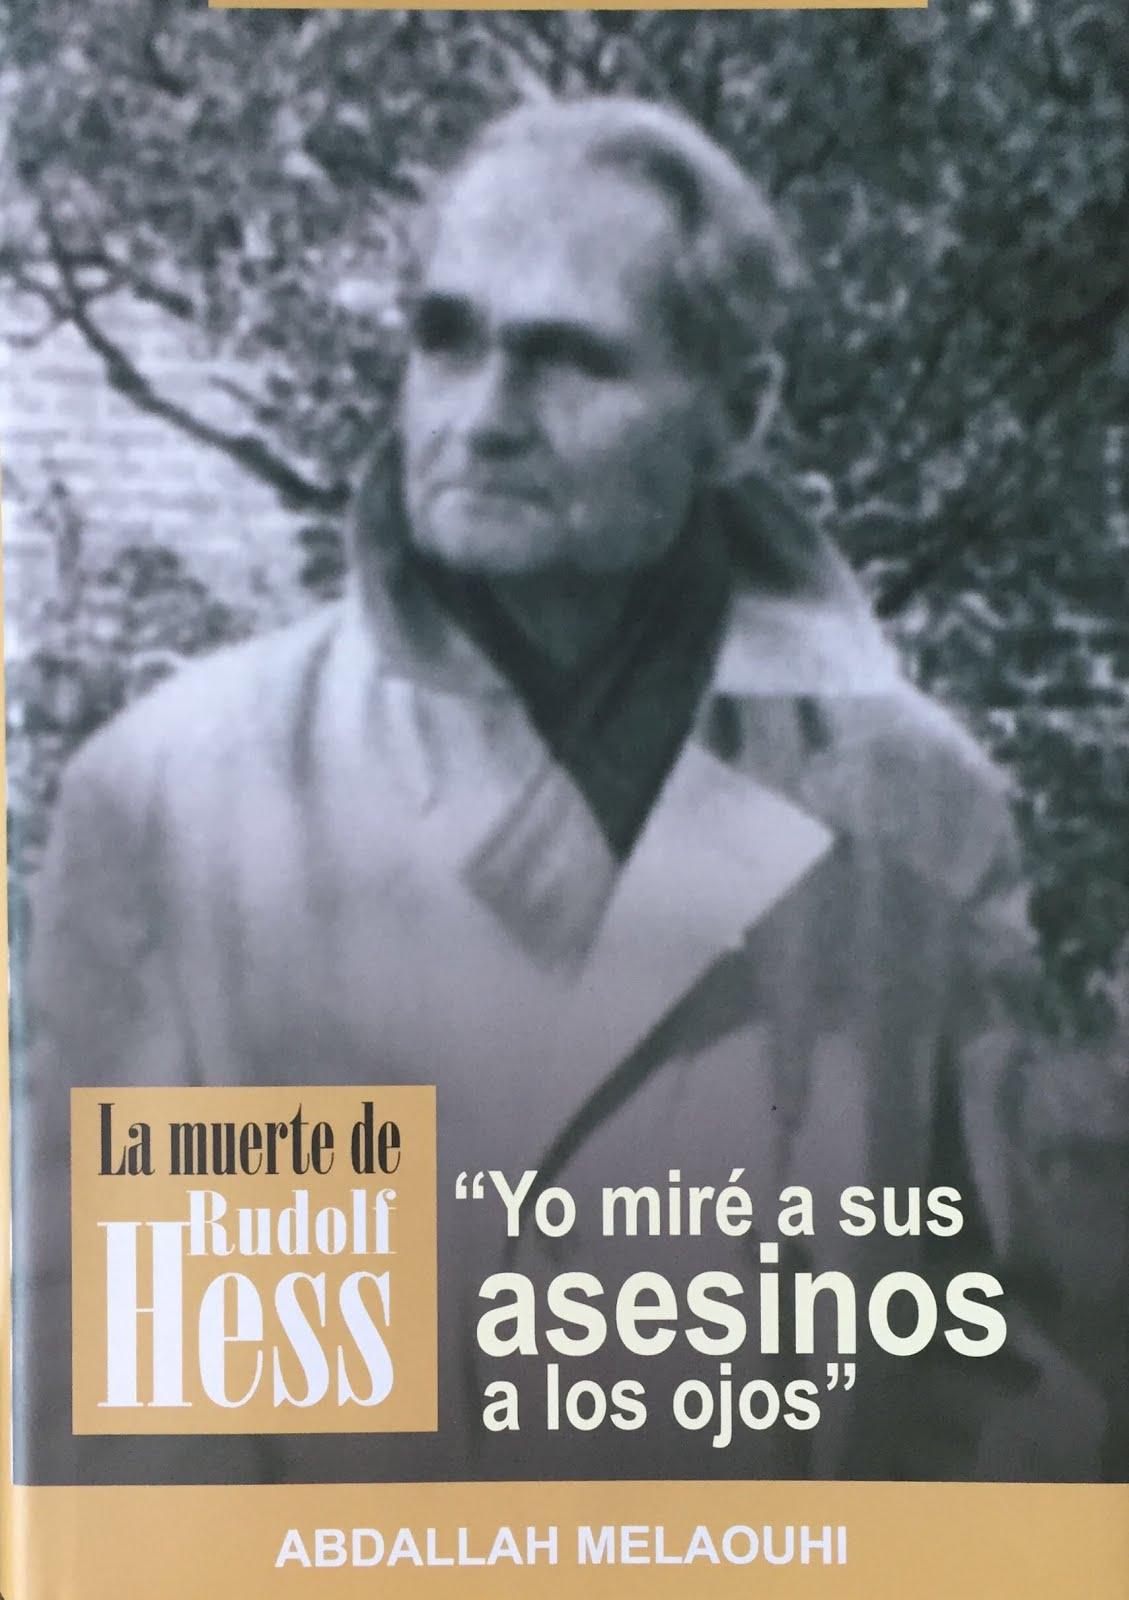 """Yo miré a sus asesinos a los ojos"""" La muerte de Rudolf Hess"""